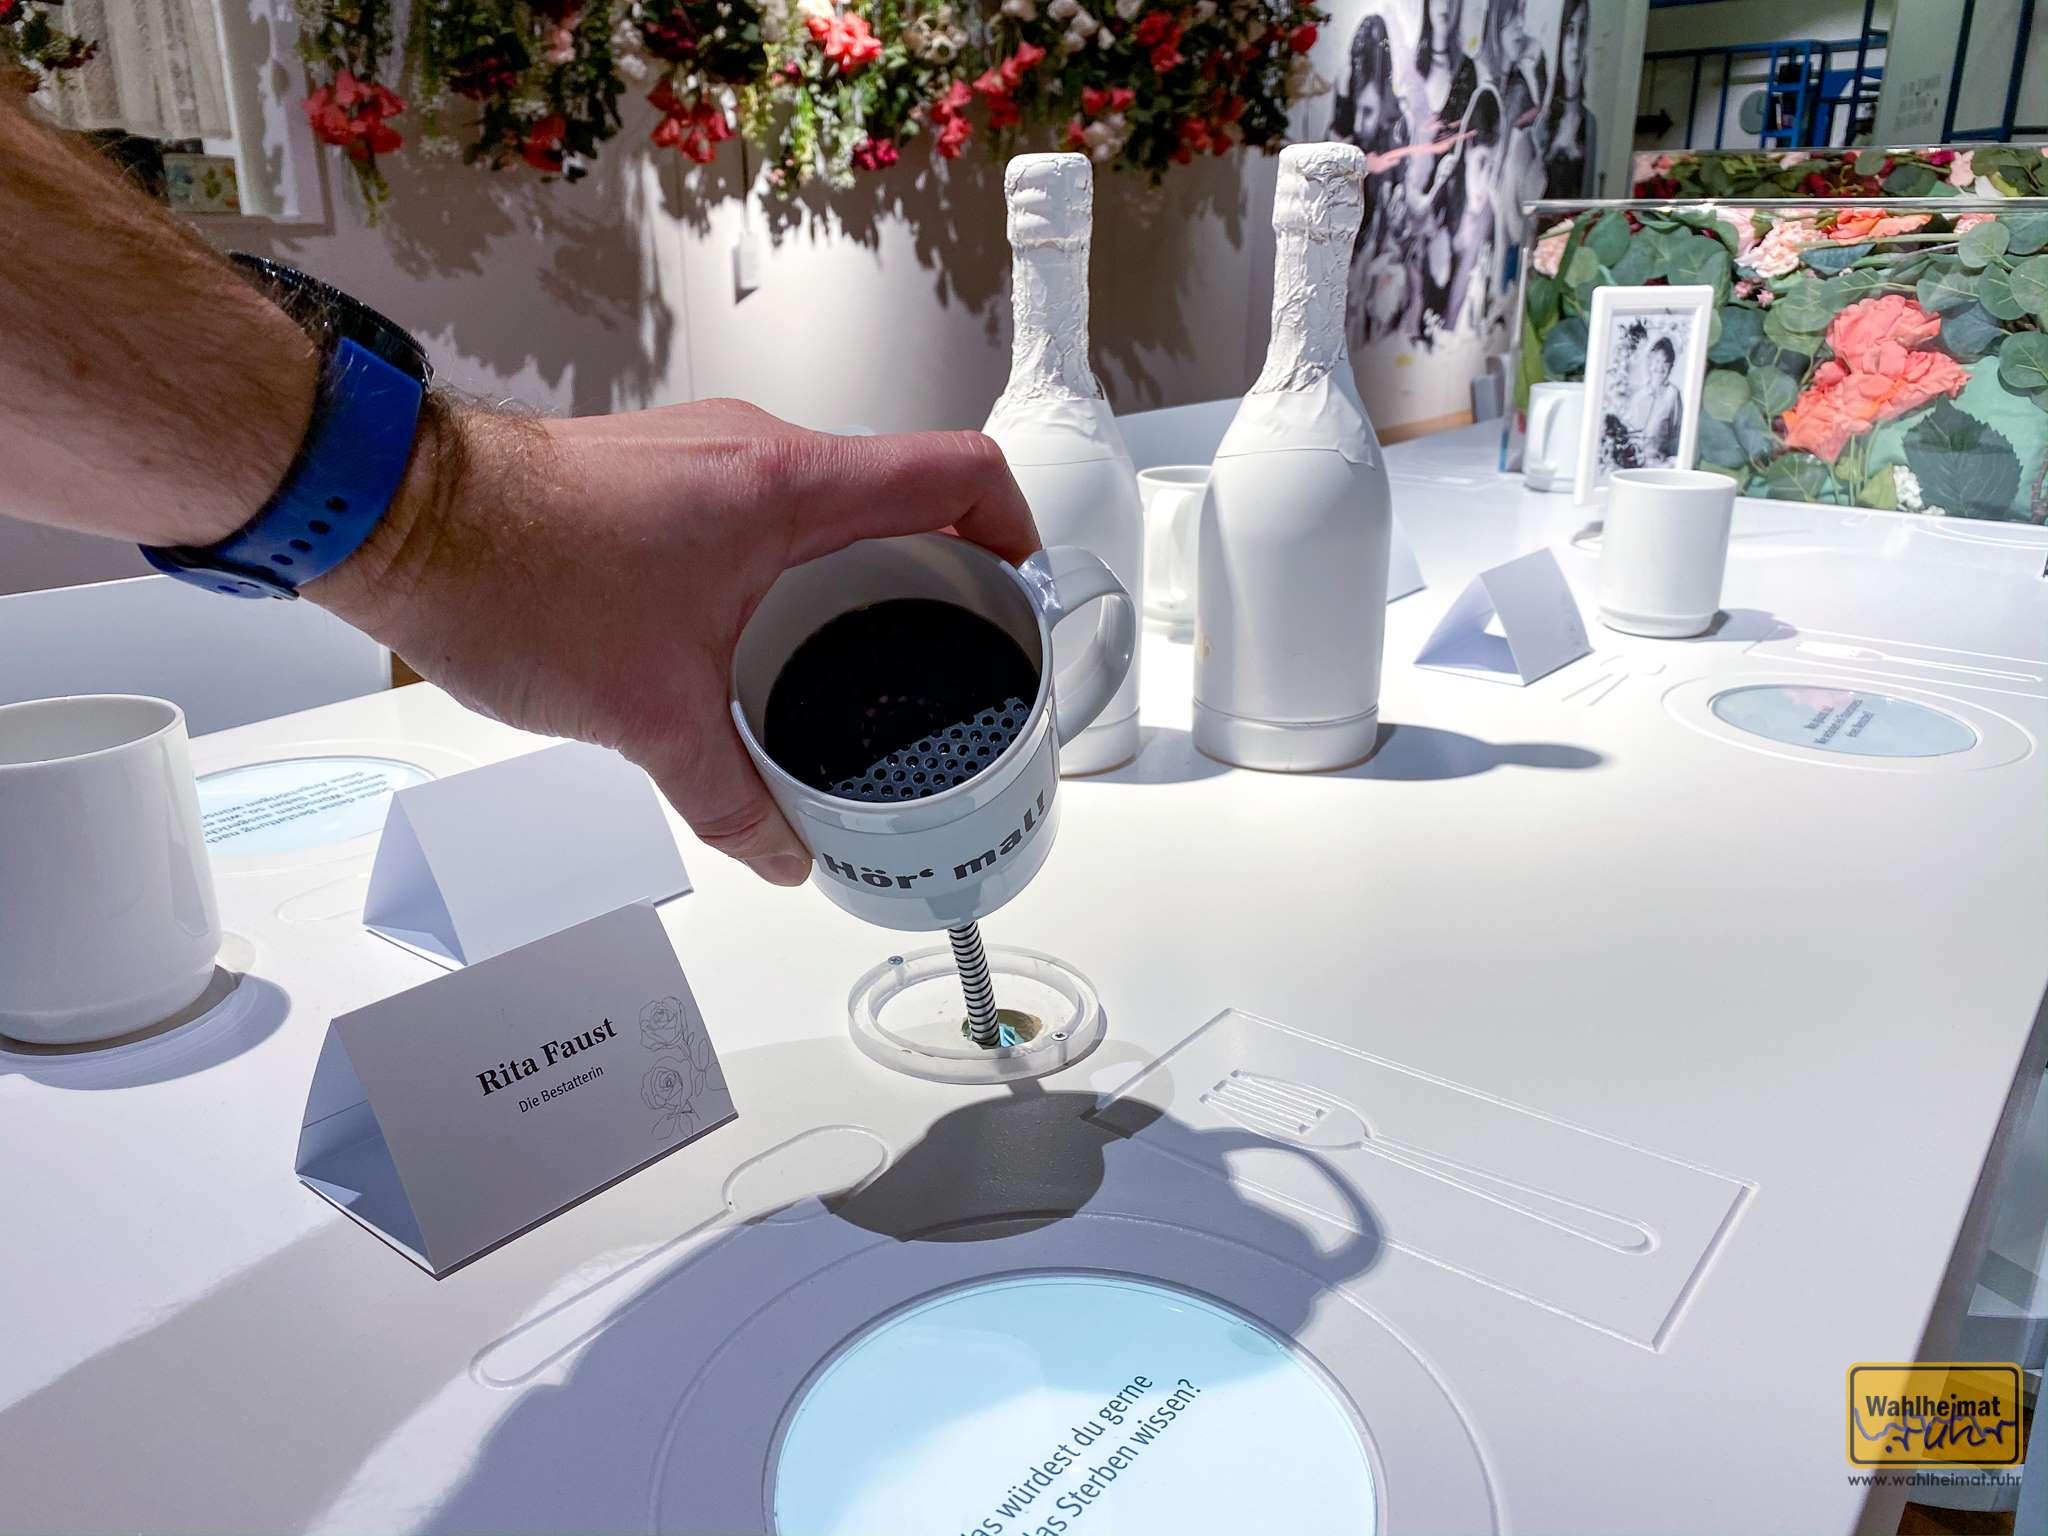 Töfte Tassen - hier kommen nämlich die Gäste zu Wort. Abgefahrene Umsetzung!